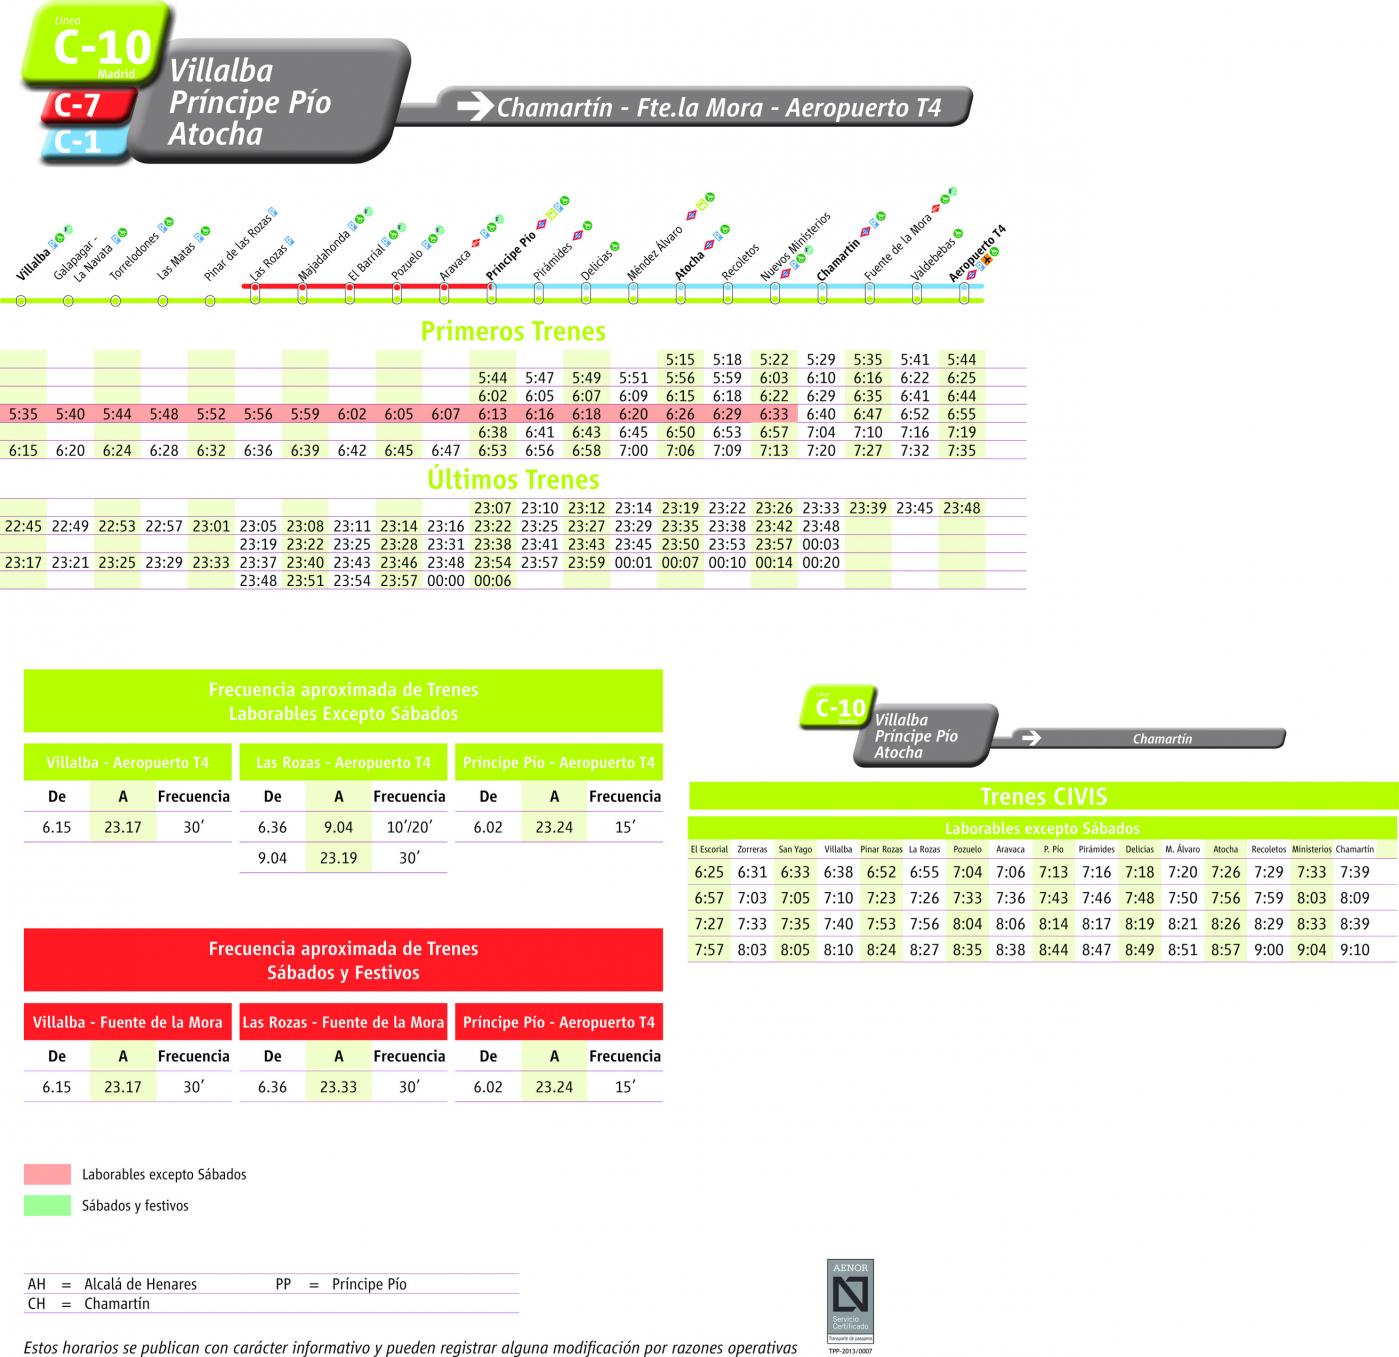 Tabla de horarios y frecuencias de paso en sentido ida Línea C-10: Villalba - Príncipe Pío - Atocha - Chamartín - Fuente de la Mora